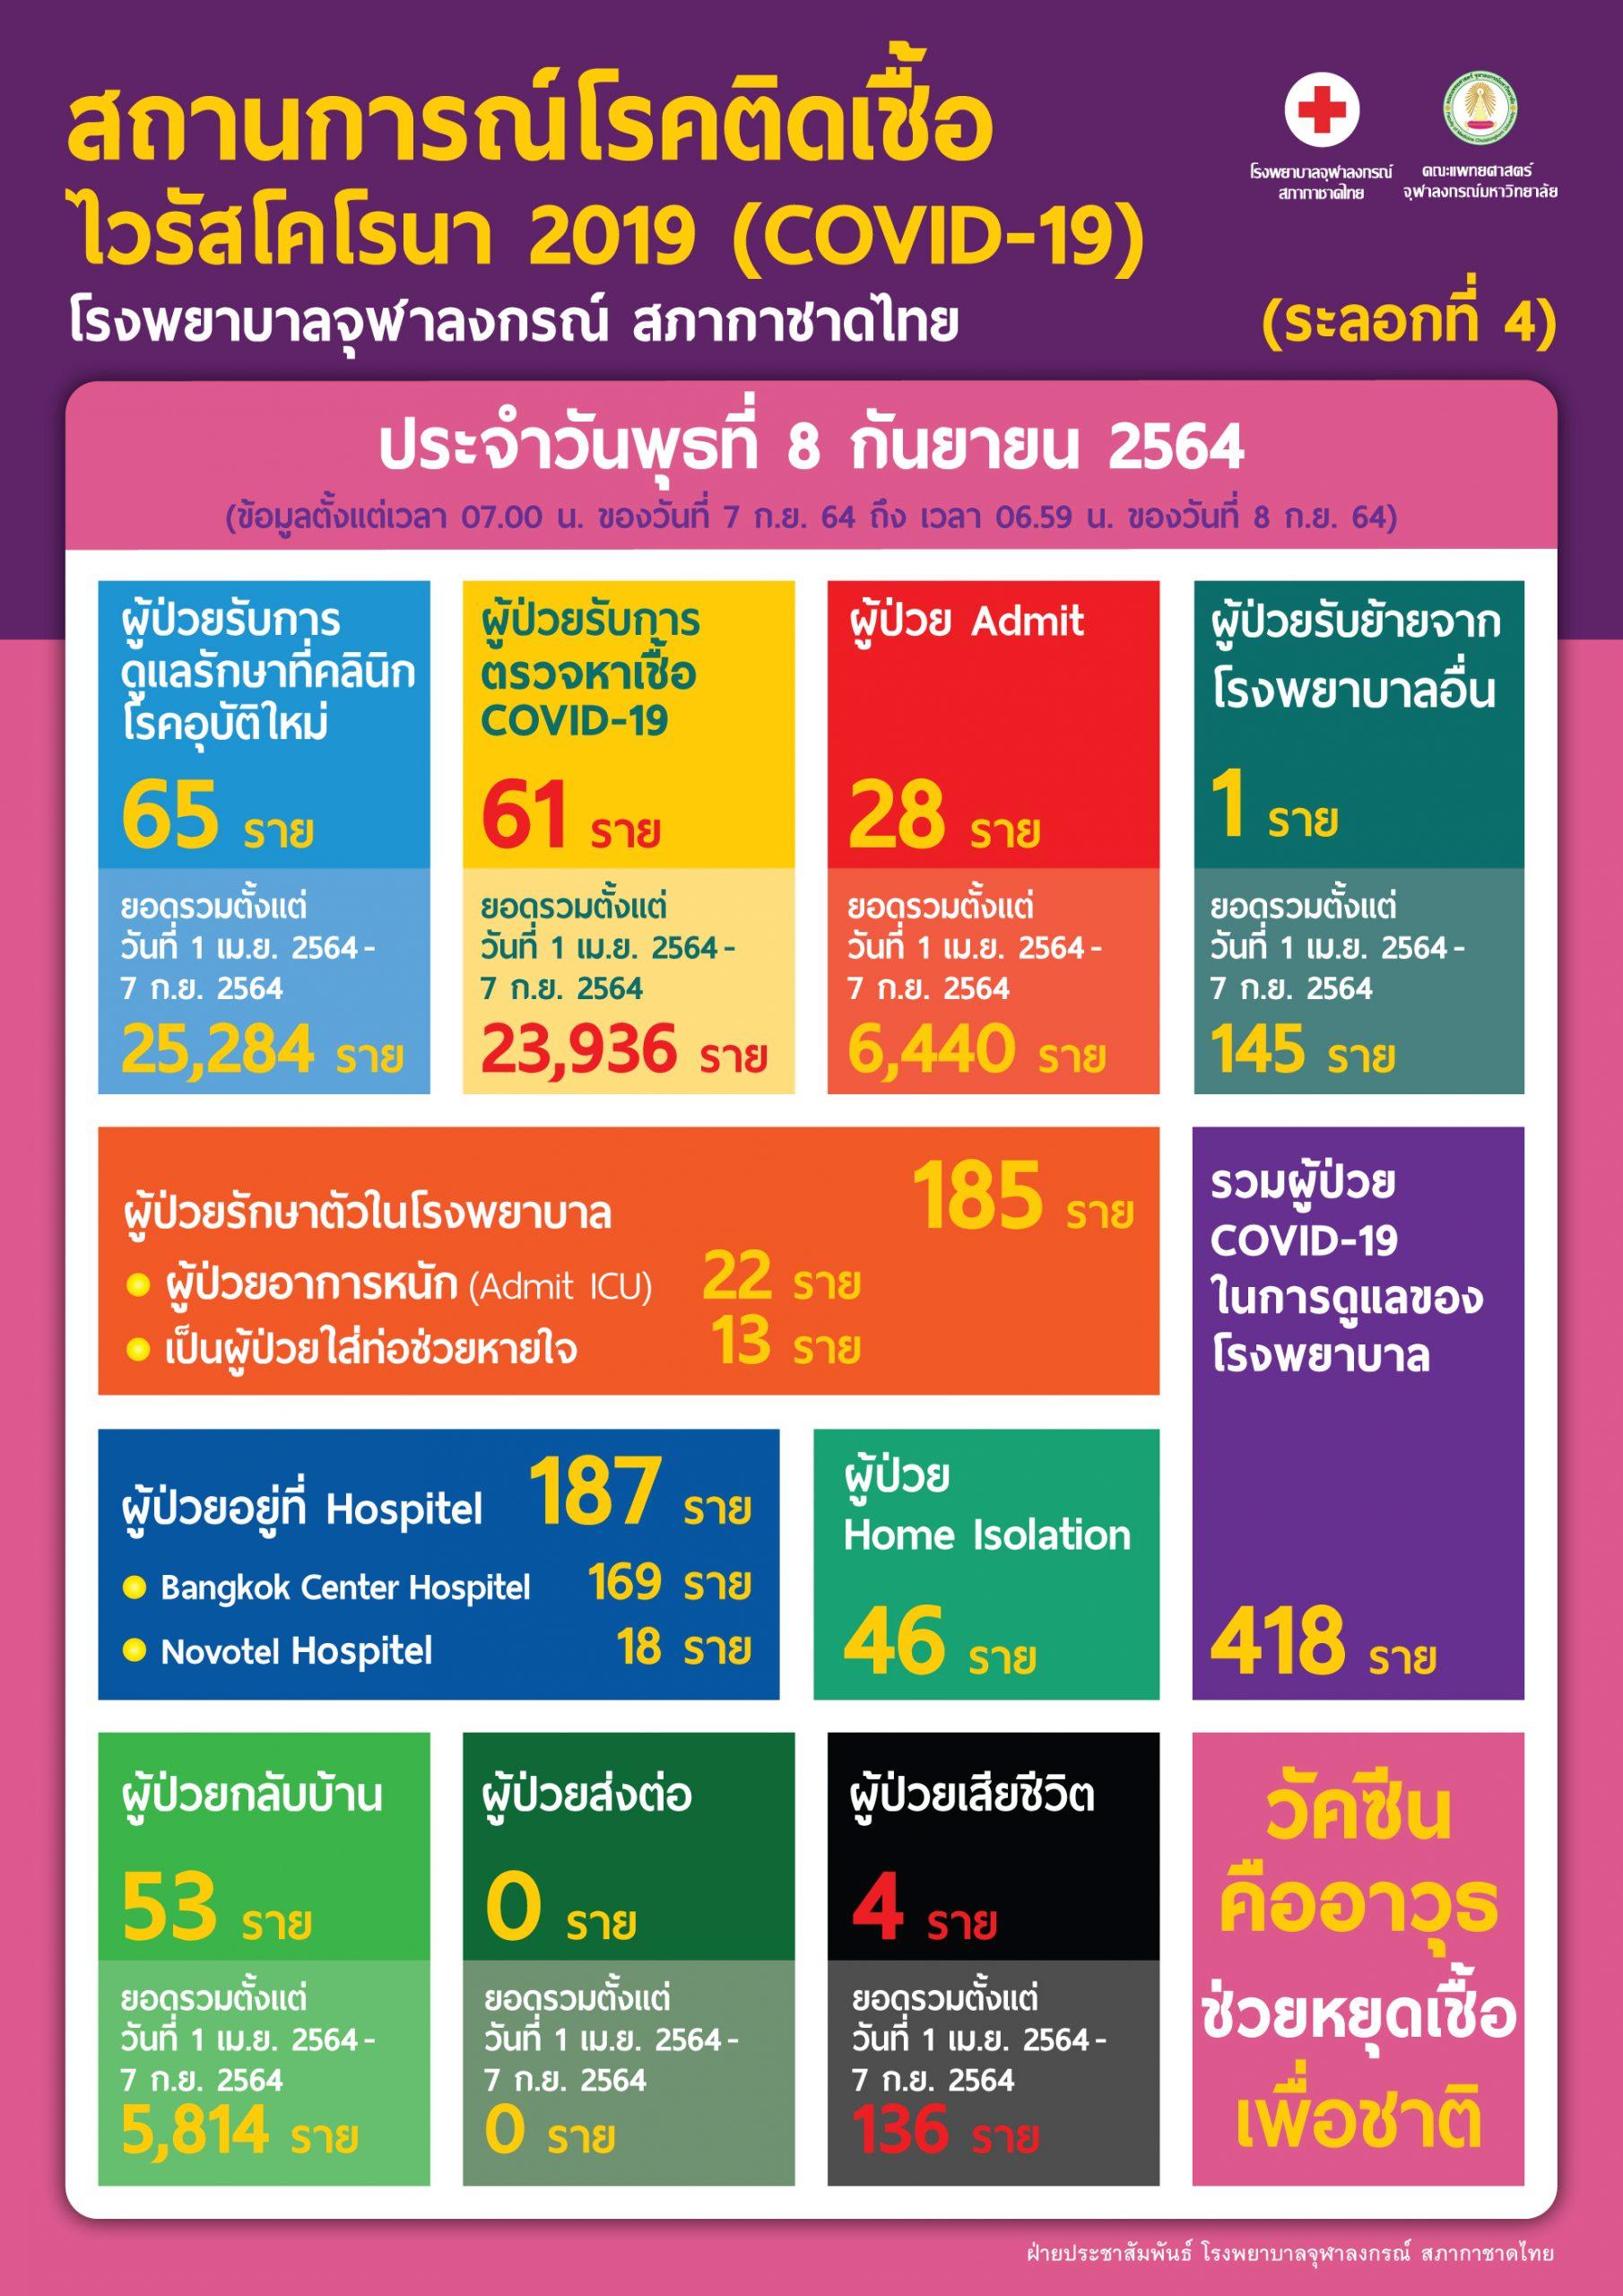 สถานการณ์โรคติดเชื้อไวรัสโคโรนา 2019 (COVID-19)  (ระลอกที่ 4) โรงพยาบาลจุฬาลงกรณ์ สภากาชาดไทย ประจำวันพุธที่ 8 กันยายน 2564